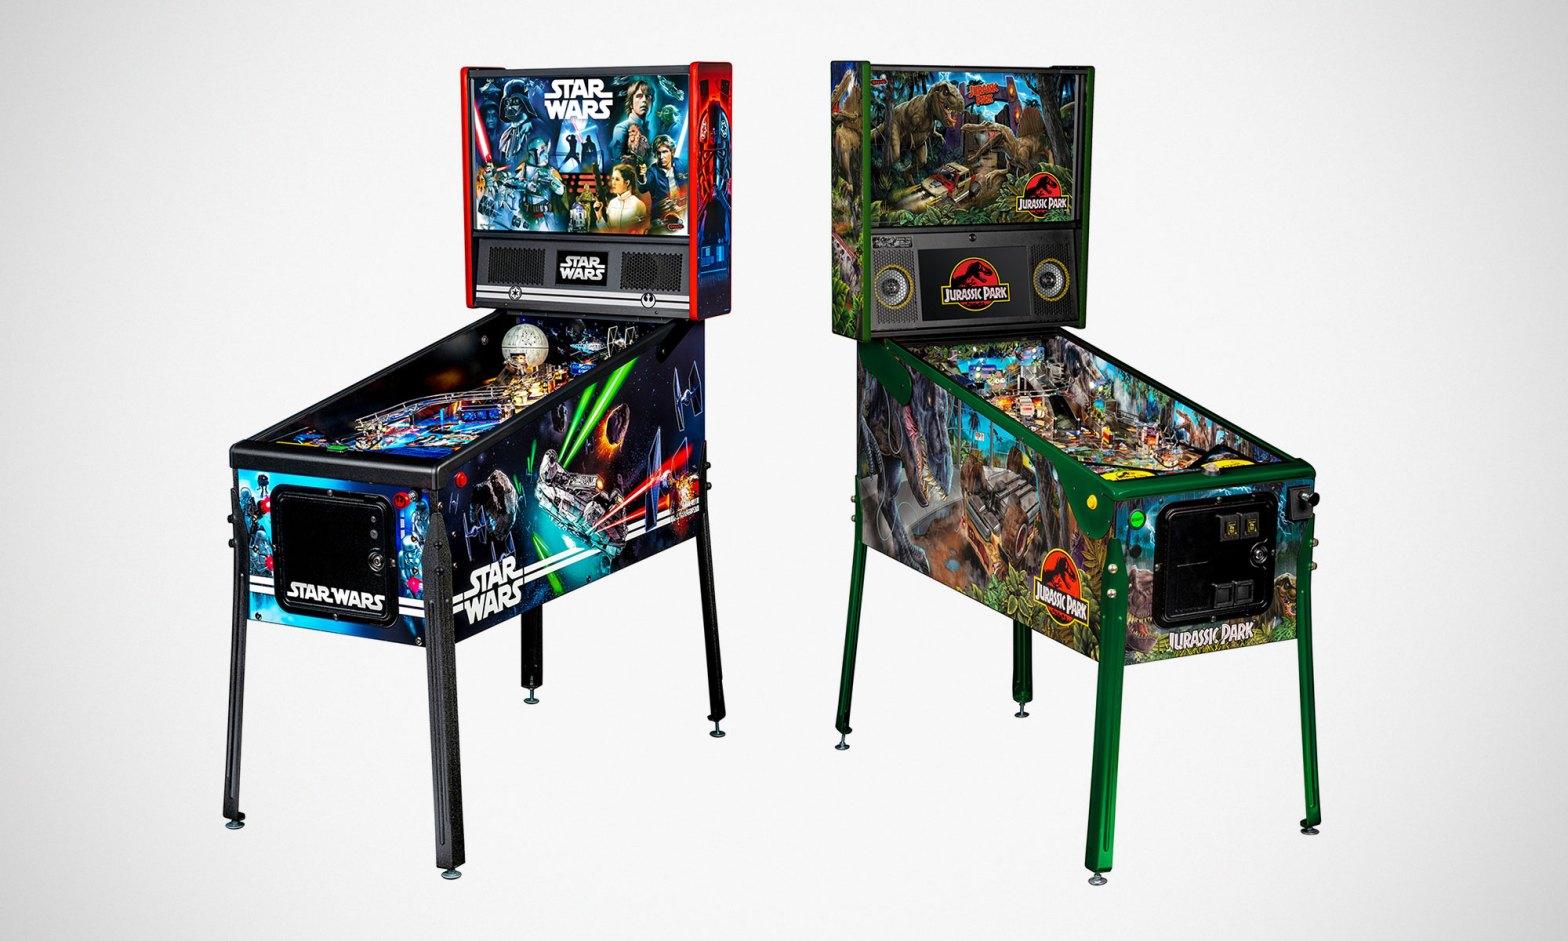 Star Wars and Jurassic Park Pinball Machines